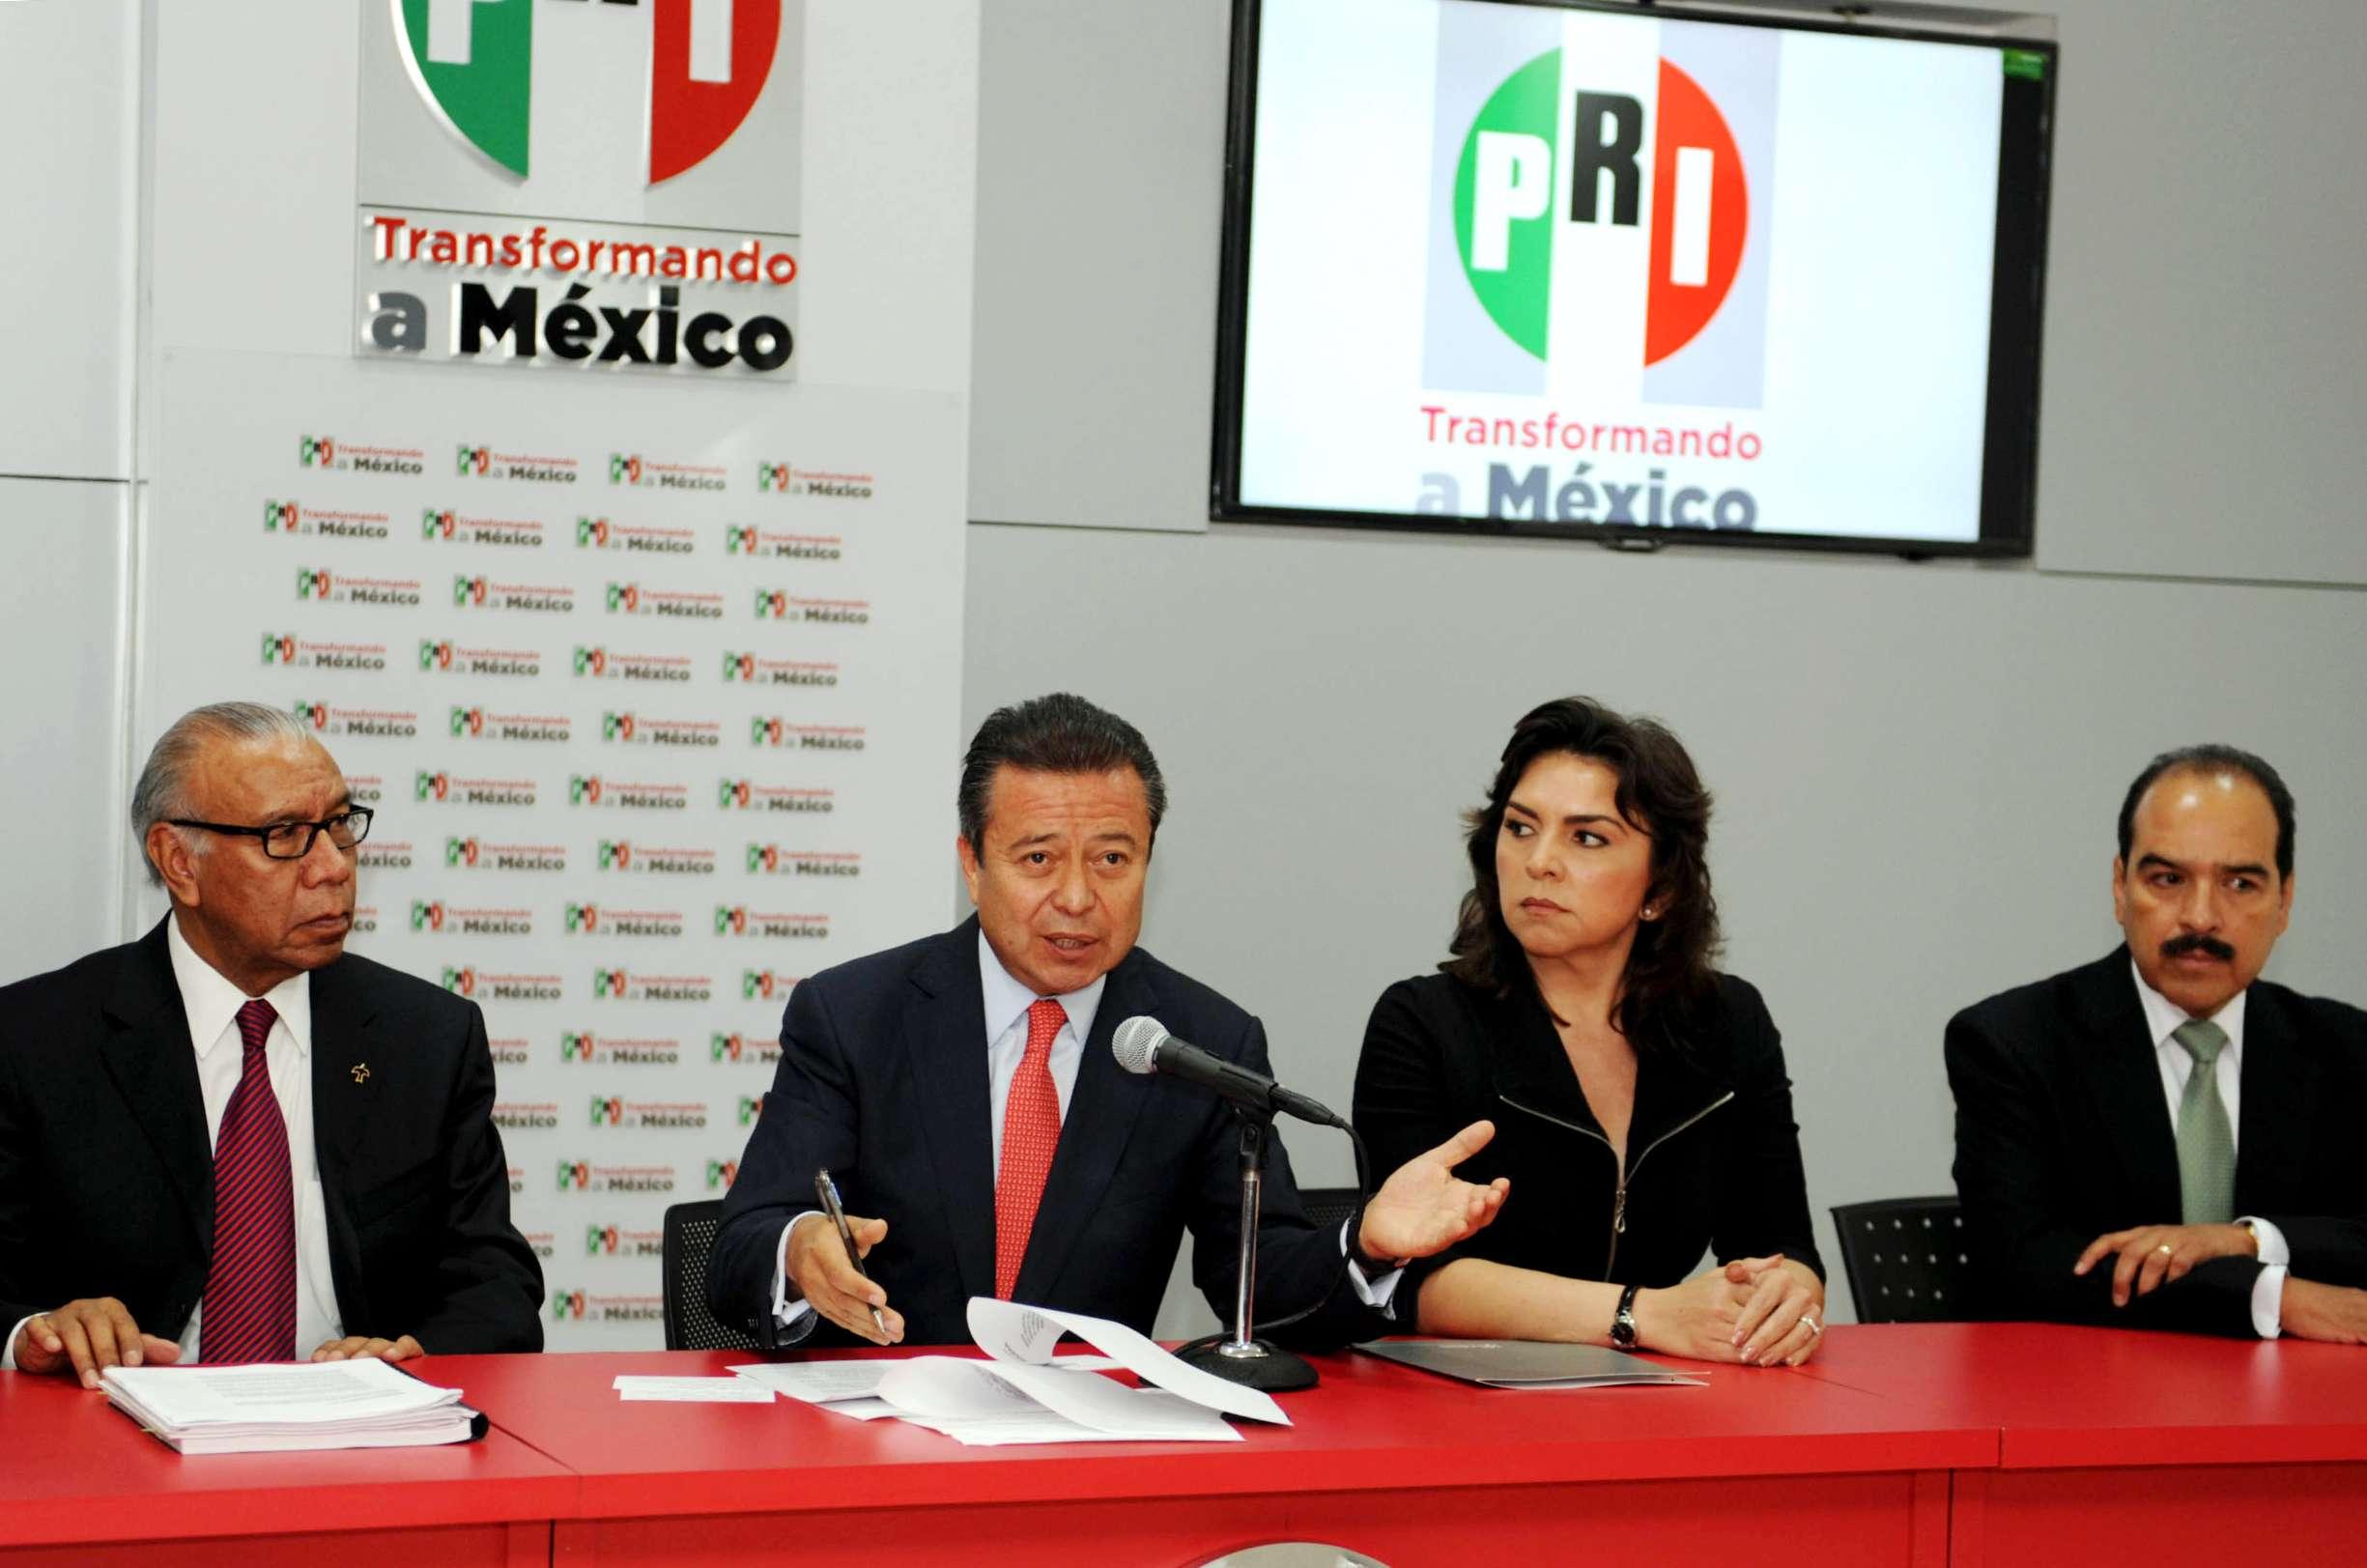 Un buen resultado sólo lo pueden ofrecer las personas con una conducta personal respetable: César Camacho, dirigente nacional del PRI. Foto: Notimex/Notimex